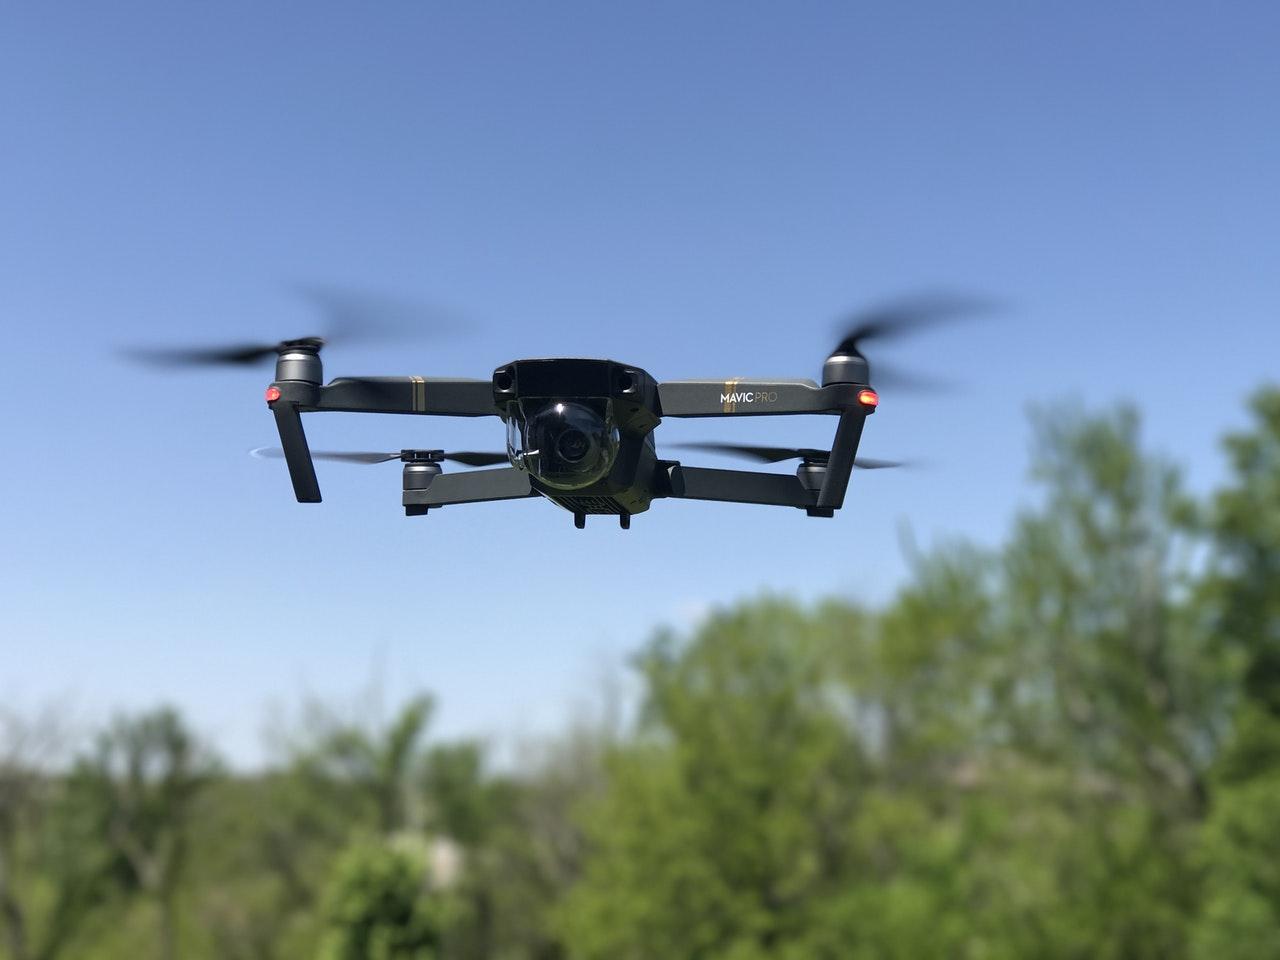 Les drones pourraient être l'un des moyens utilisés pour lutter contre le manque de main d'œuvre dans les campagnes de Thaïlande